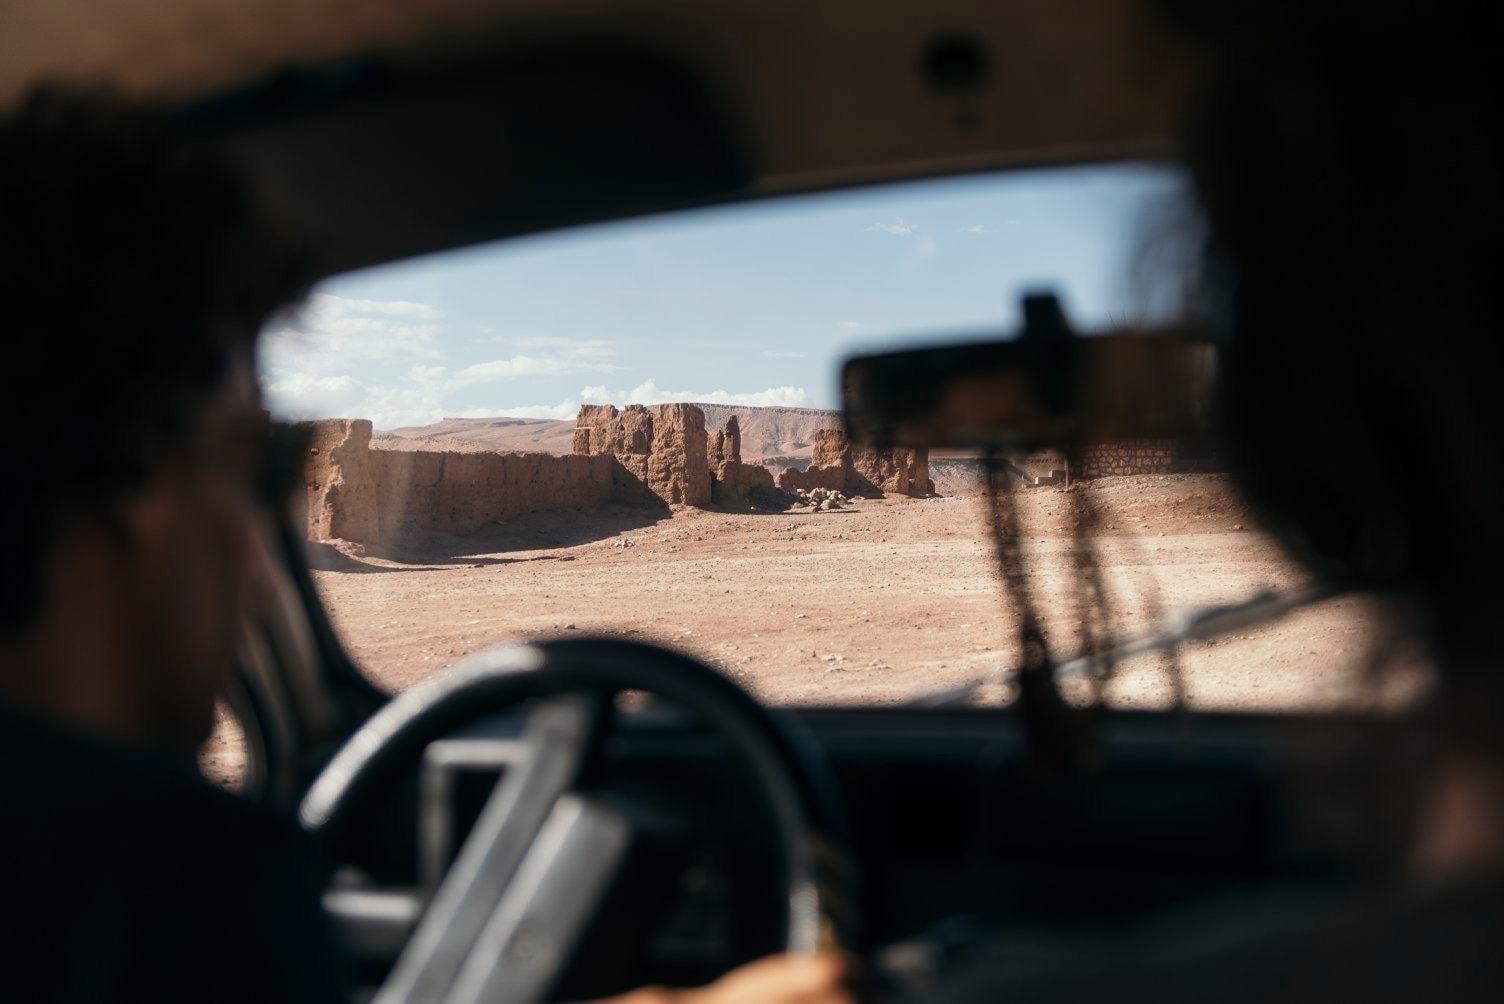 Fotoreis Marokko Sky & Sand | ROCKY ROADS TRAVEL